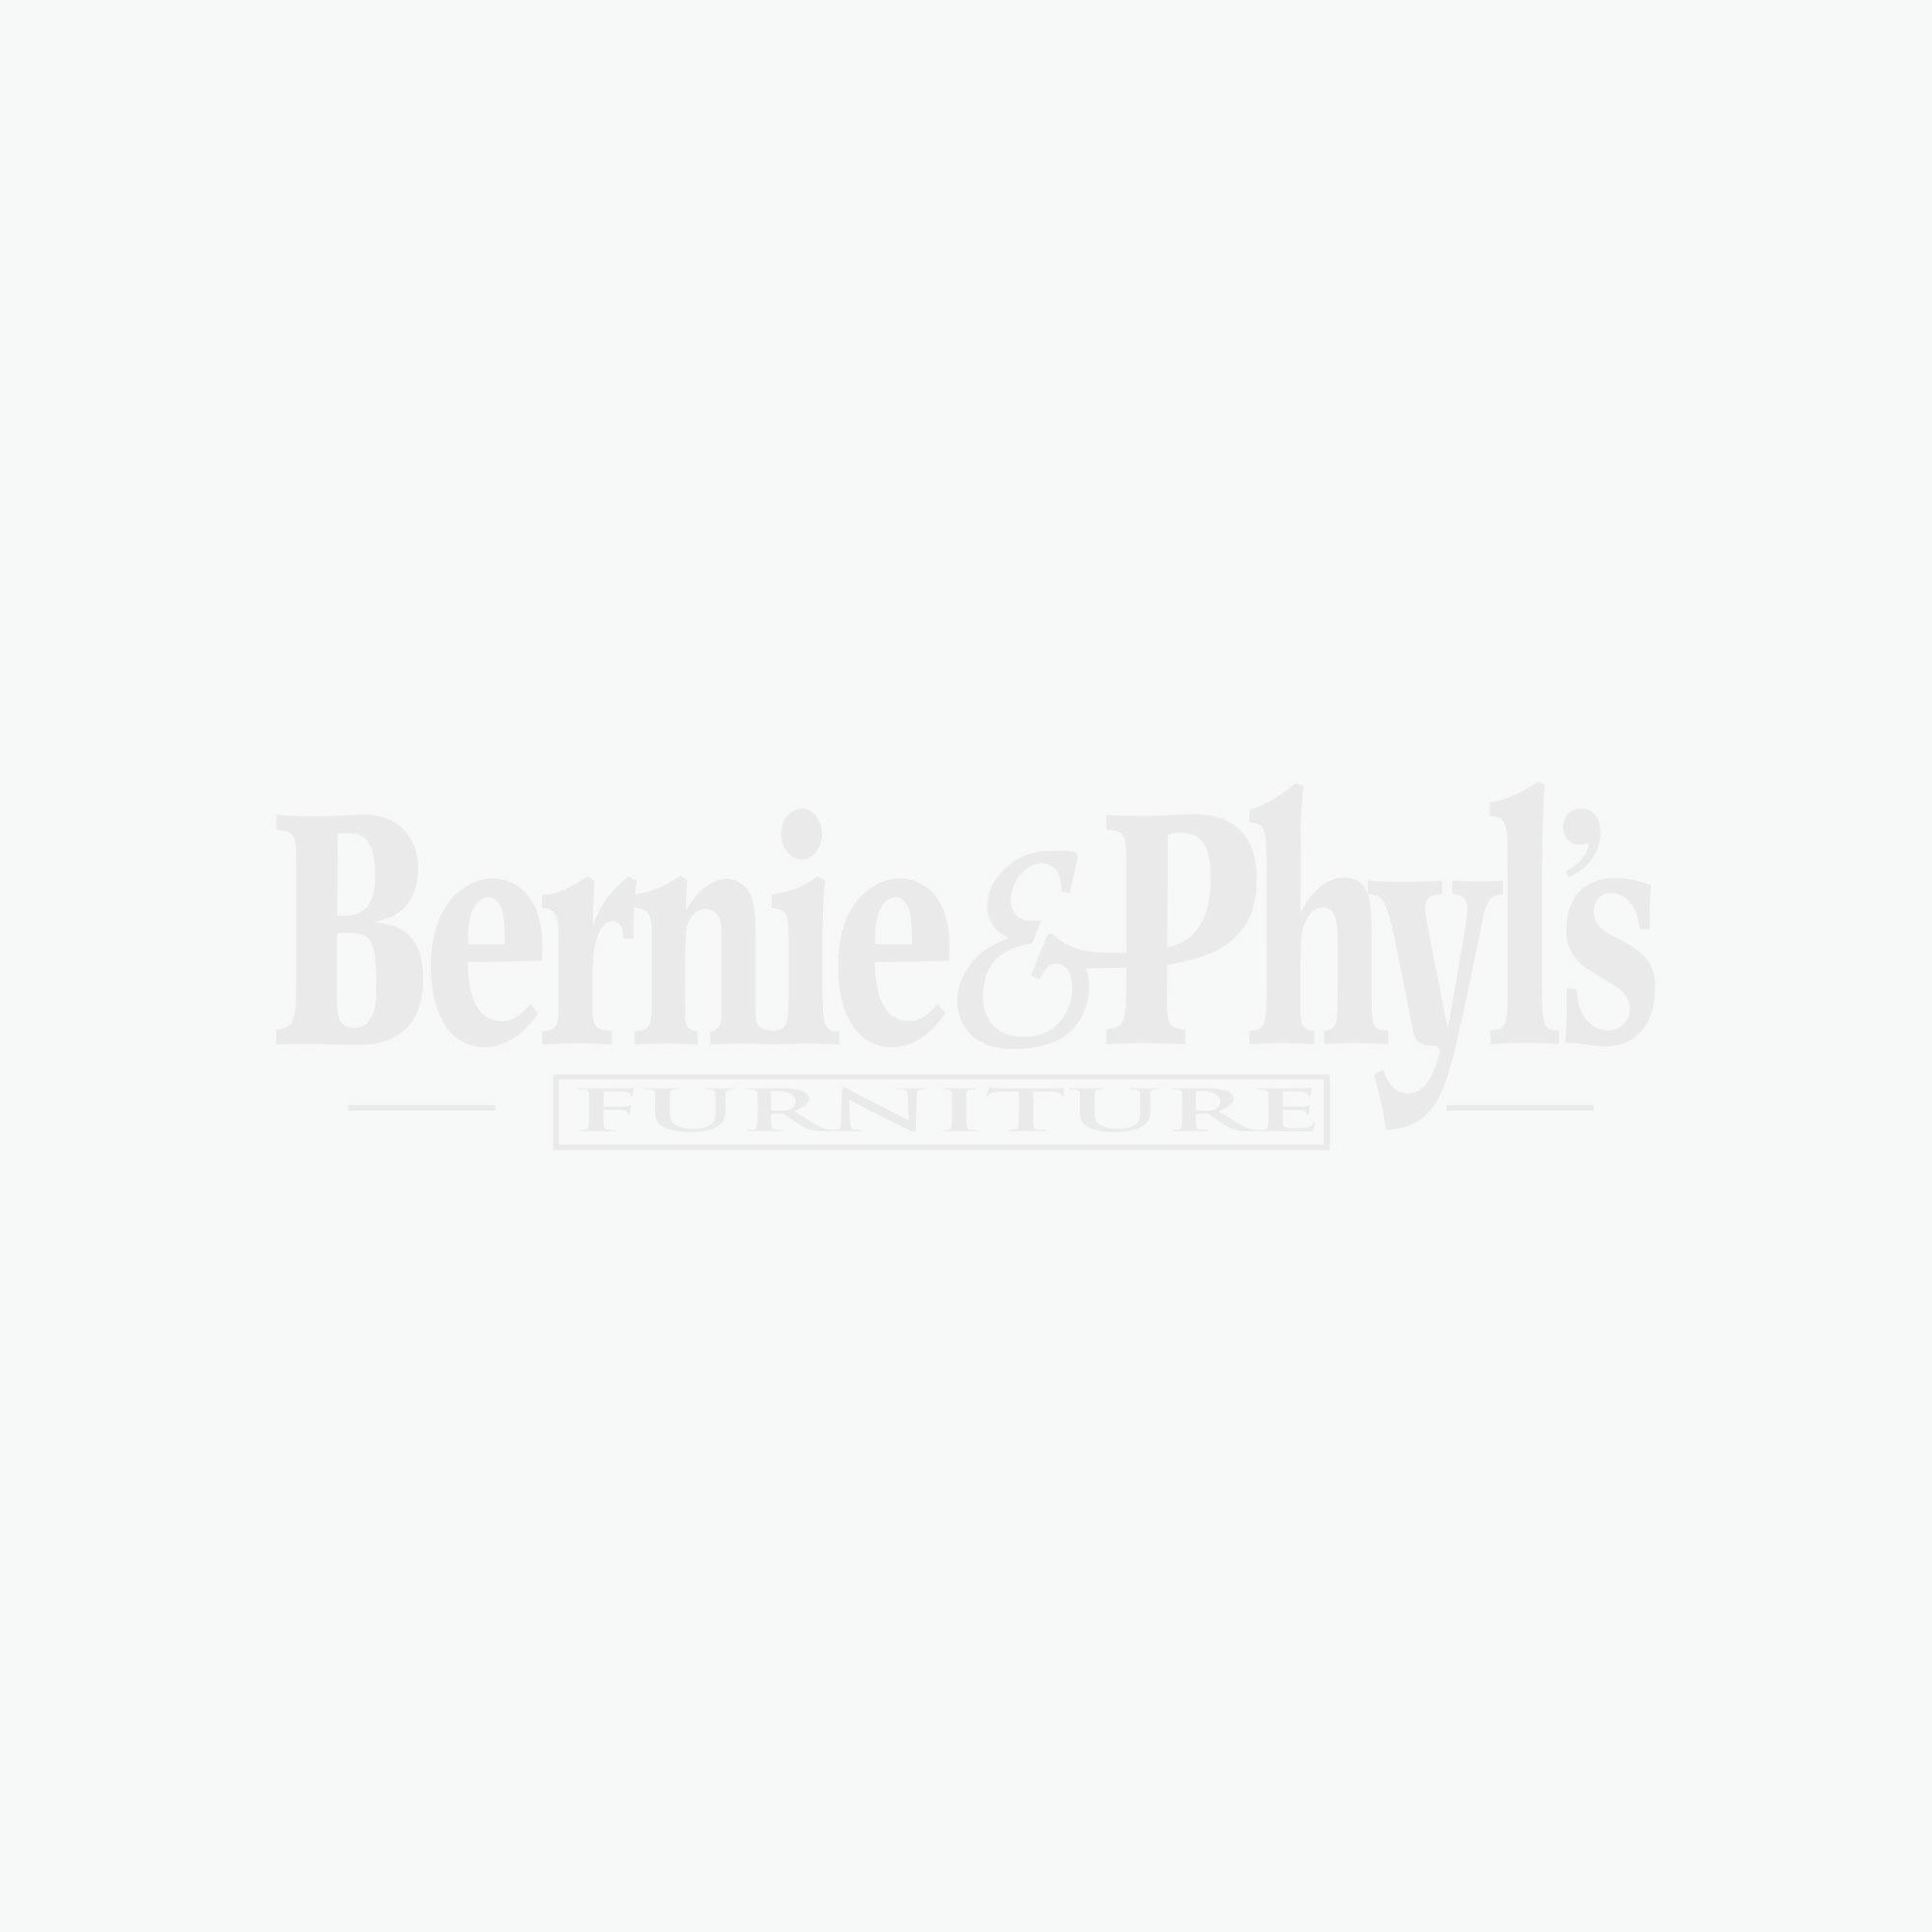 Hardwood Porch Rocker - White - (Set of 1) - CR7801 - by Southern Enterprises